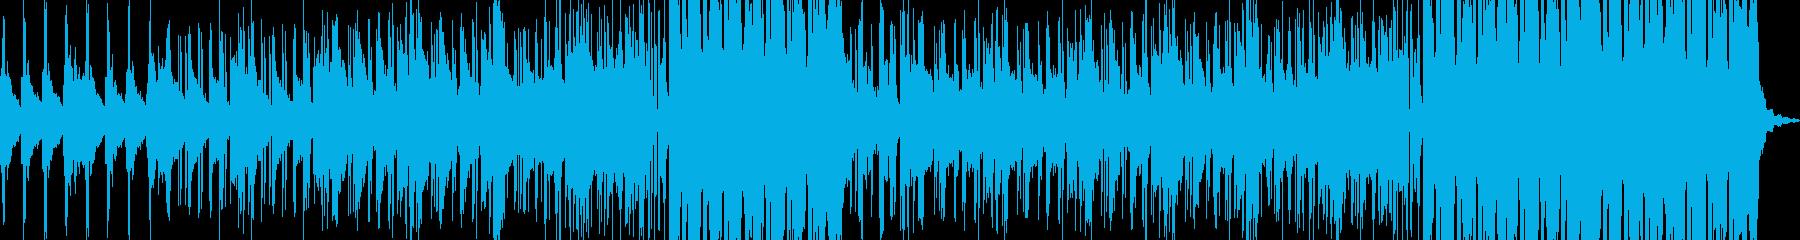 トラップ ヒップホップ R&B 怠...の再生済みの波形